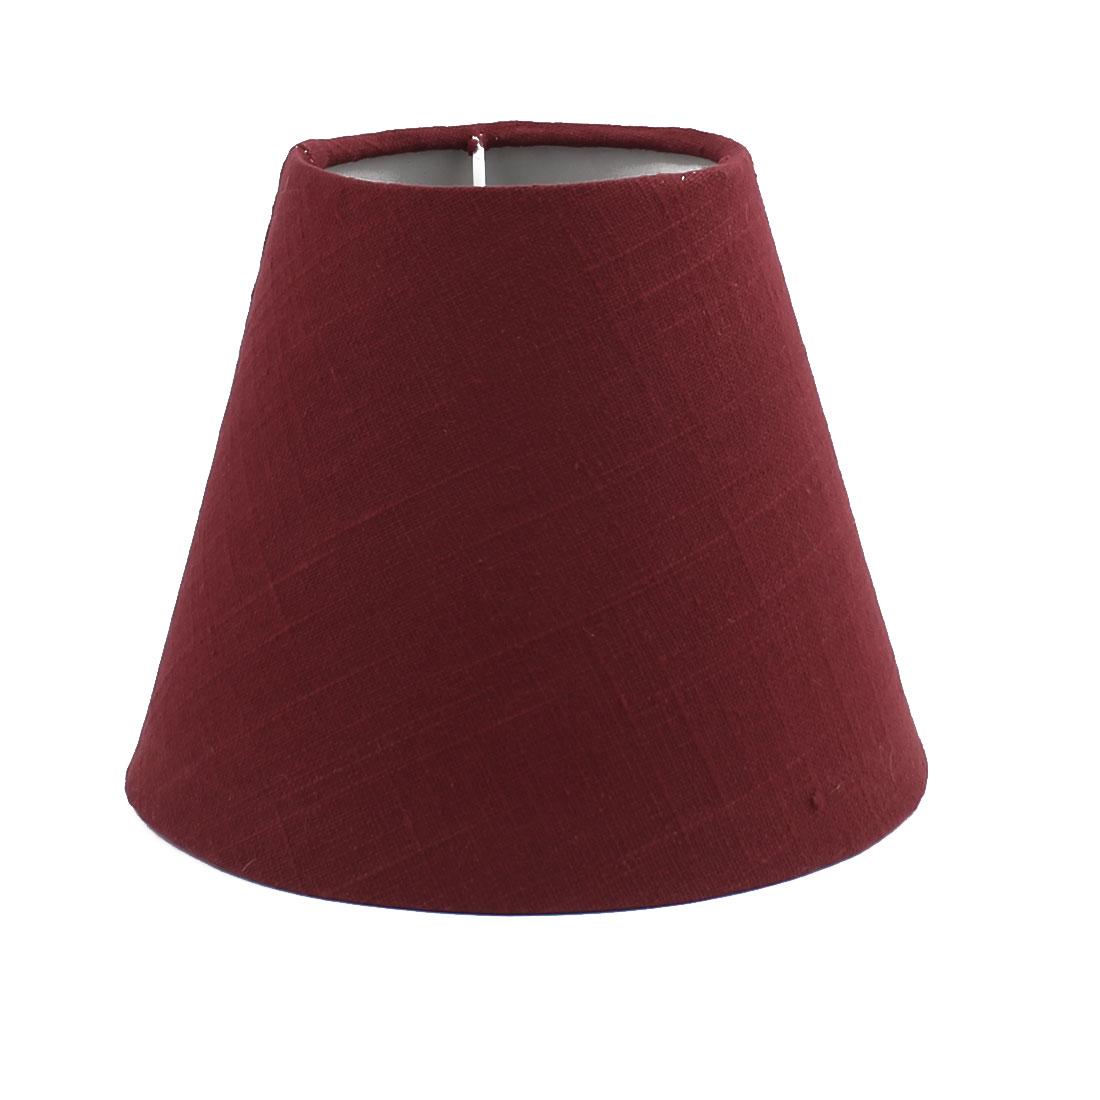 100mm x 180mm x 150mm(Bot D x Top D x H)Pure Color Table LampShade Dark Red